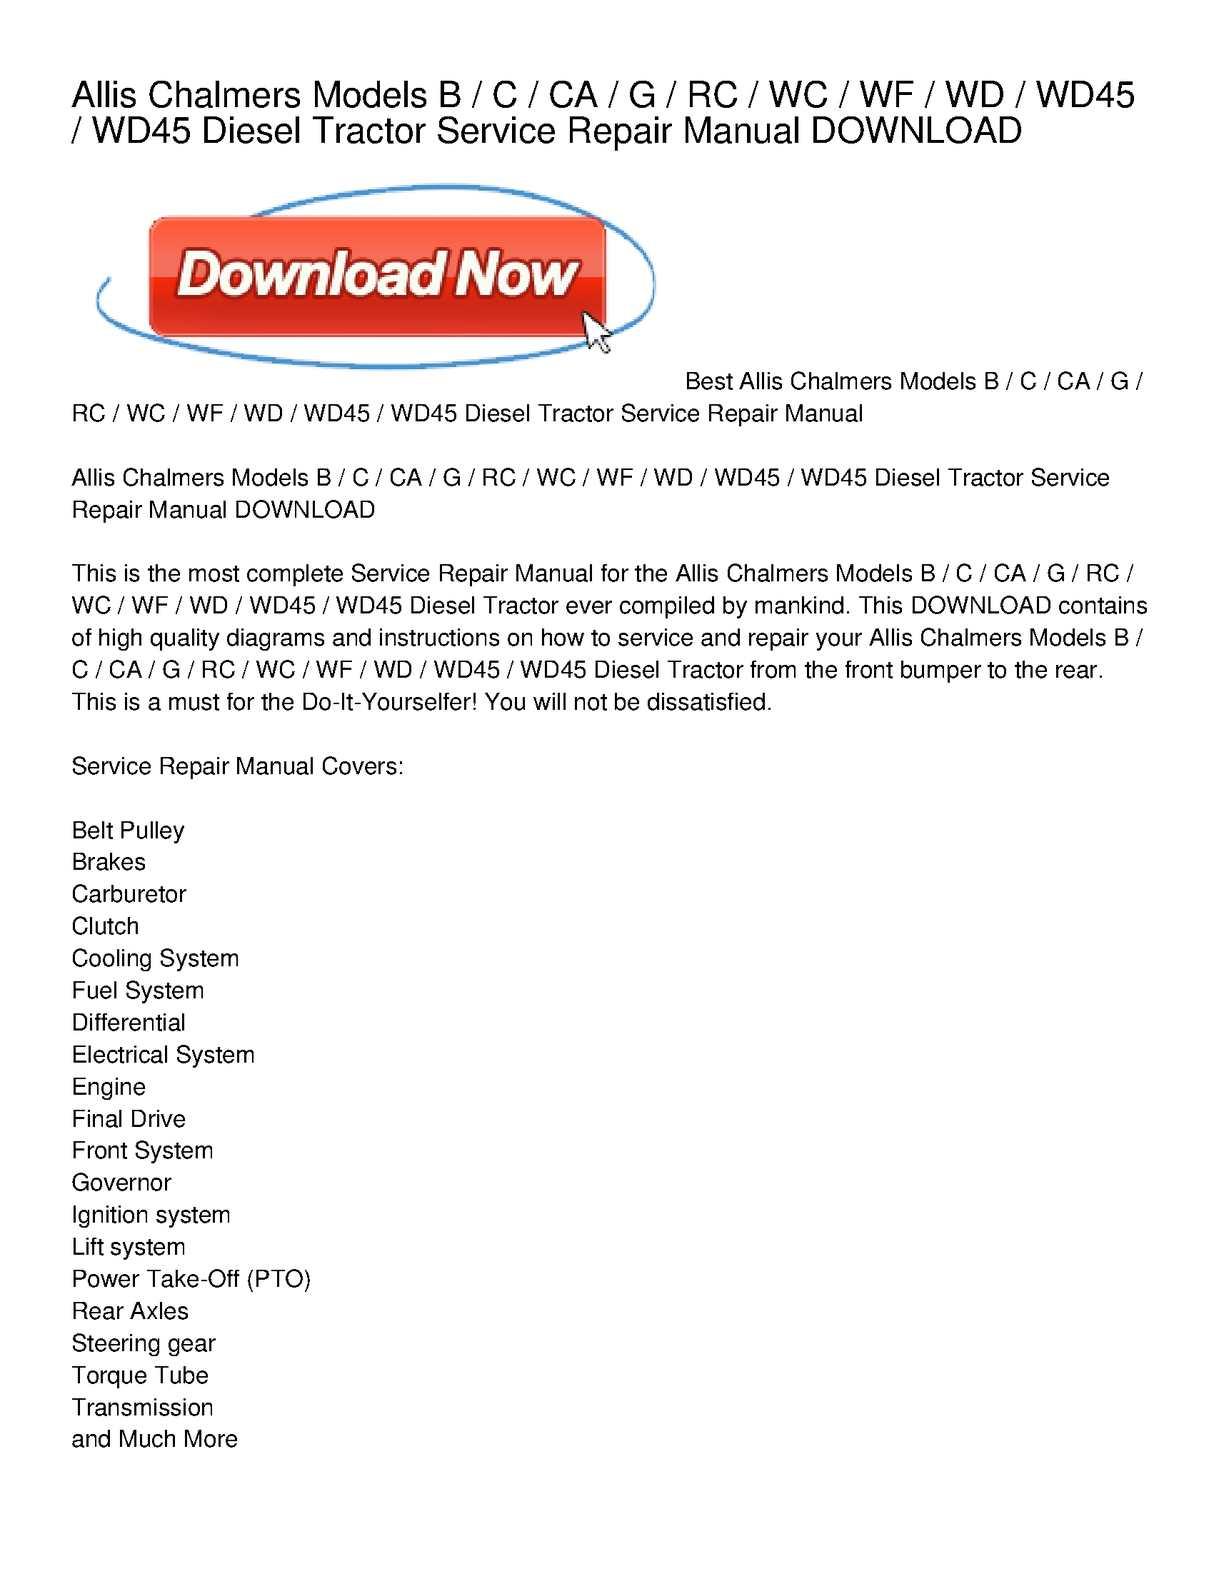 allis chalmers wiring schematic free download diagram best wiring rh 99 princestaash org